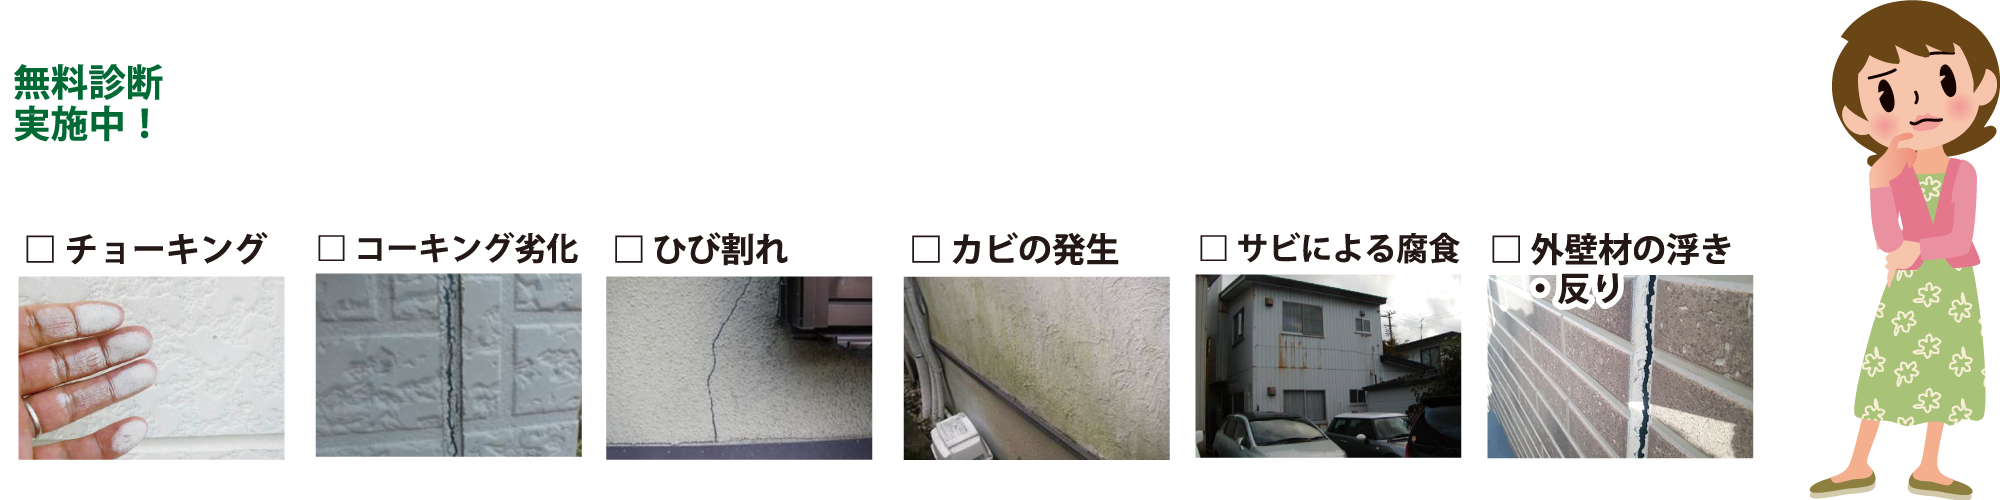 仙台のリフォーム専門店ダイク 外壁の無料診断実施中 外壁のチェックリスト